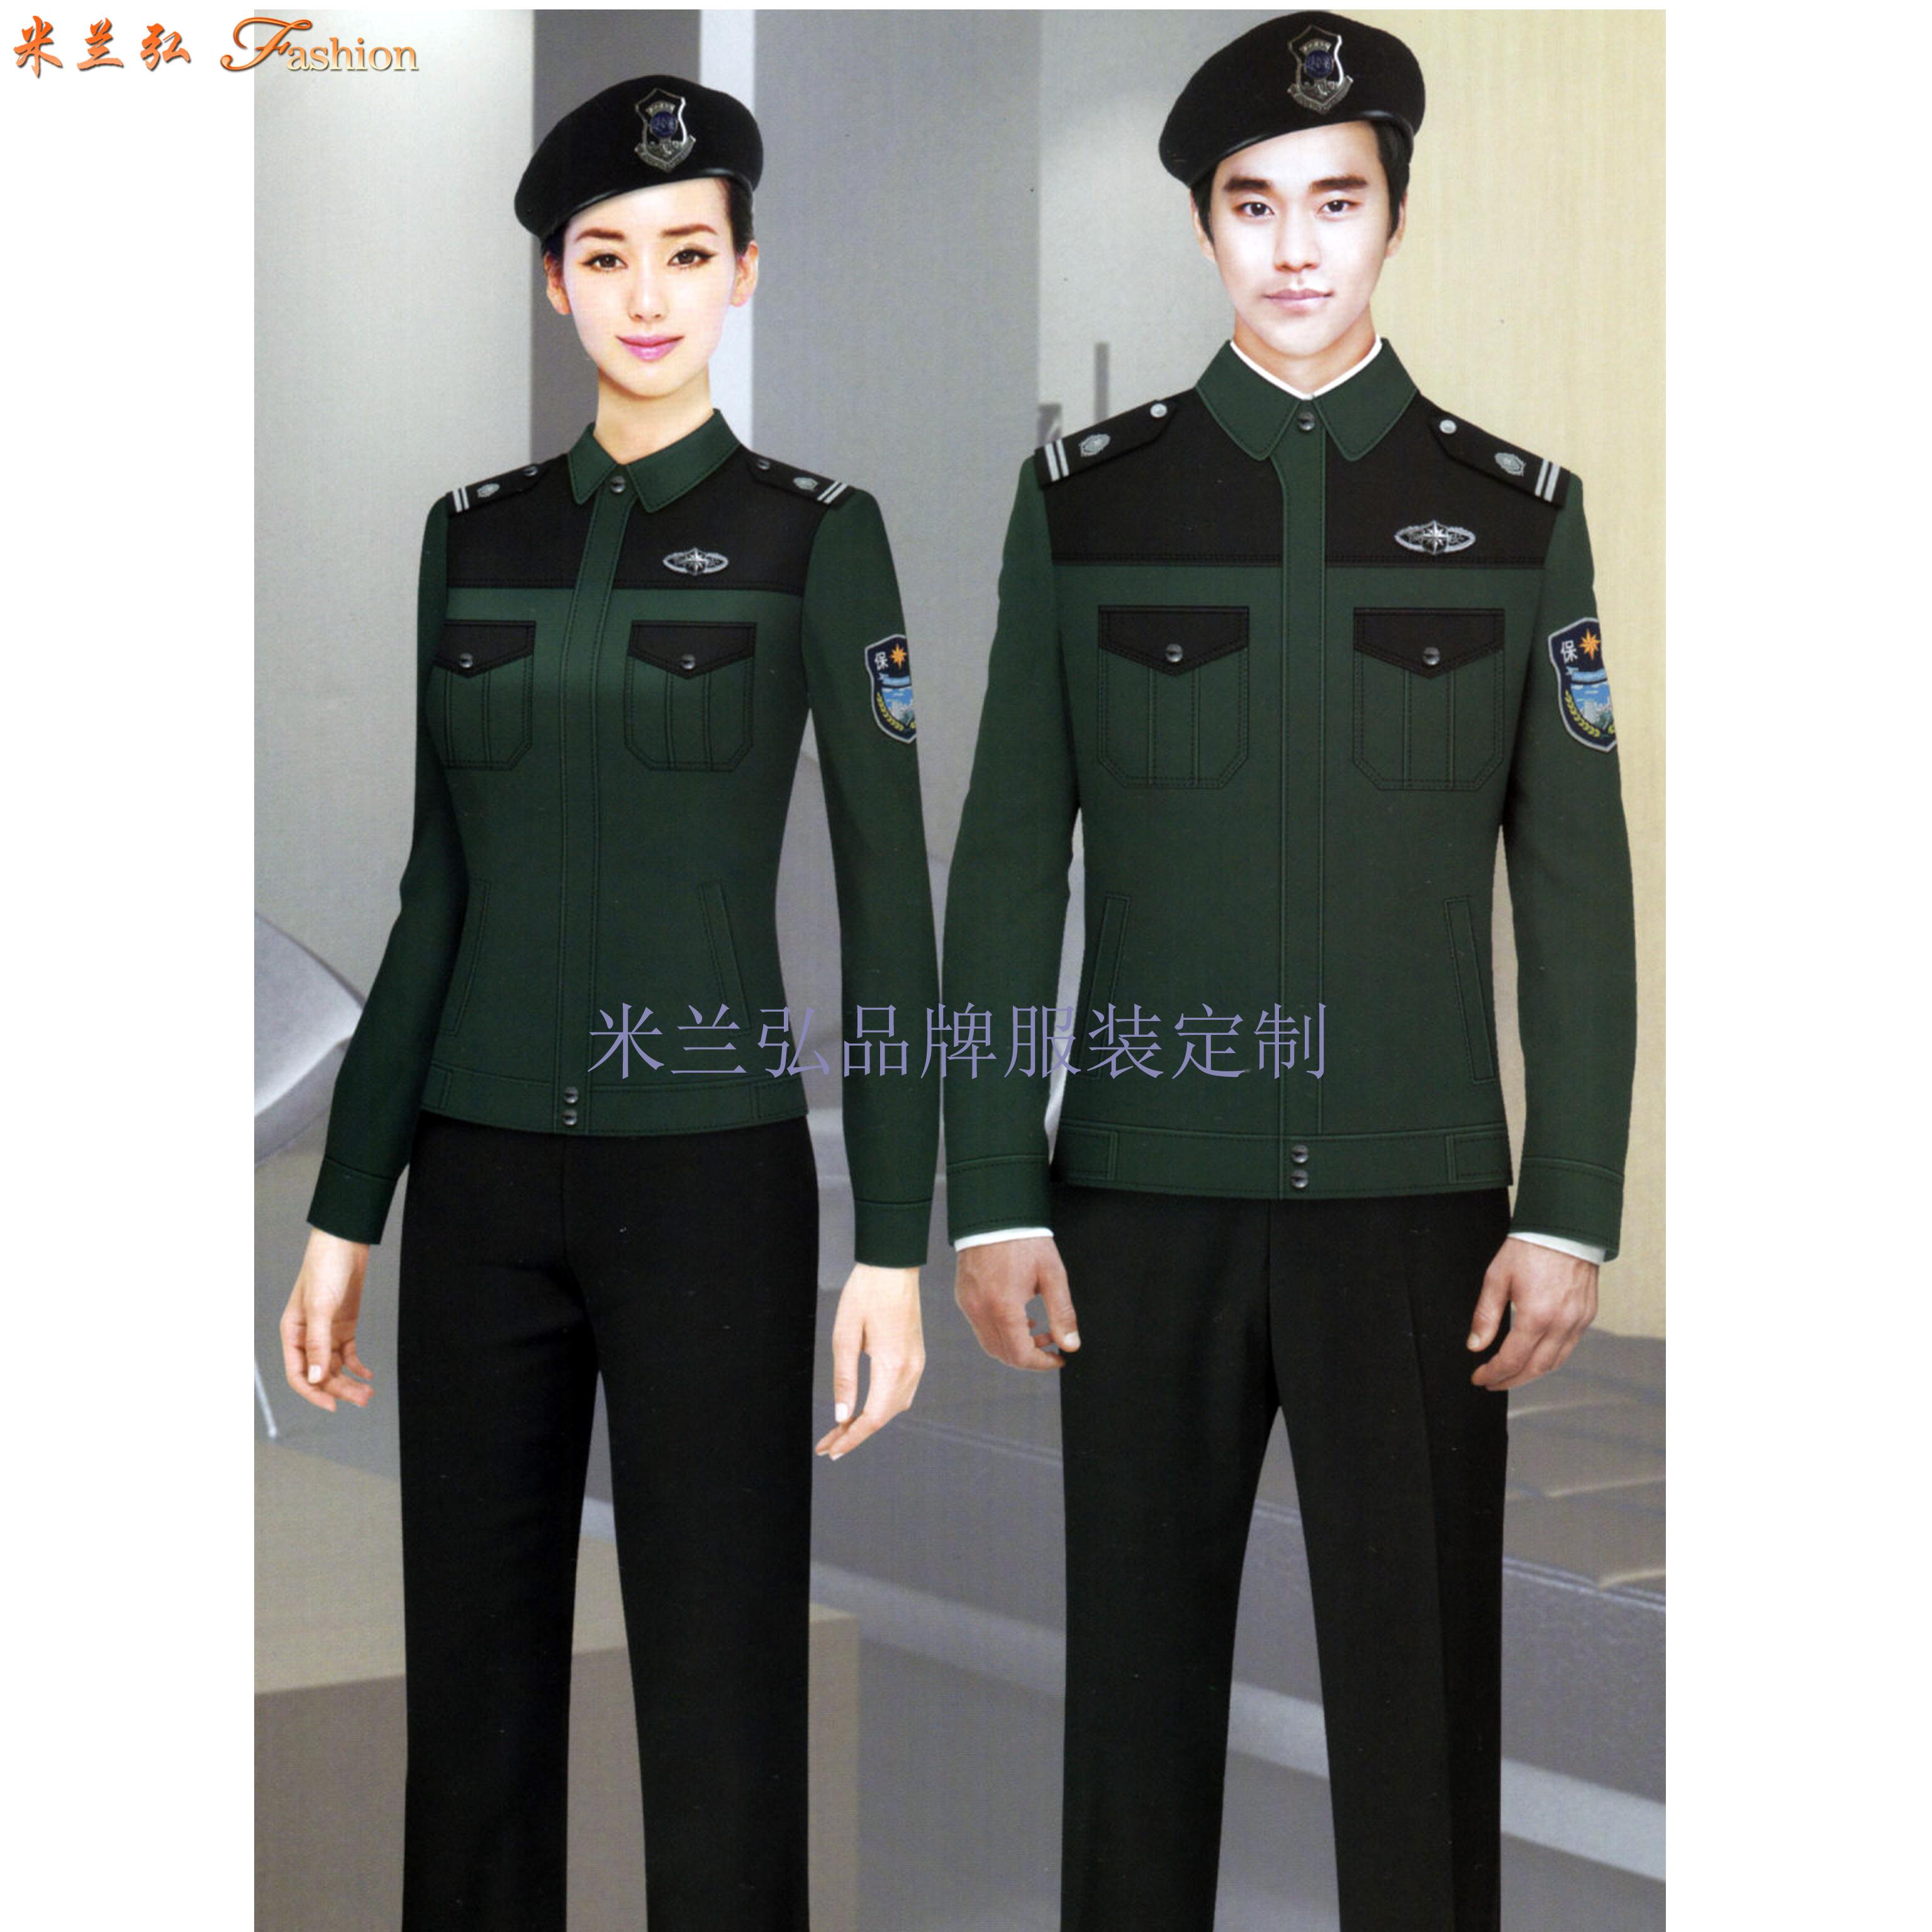 保安服定做廠家 米蘭弘新款價格低質量好的物業酒店安保制服-4